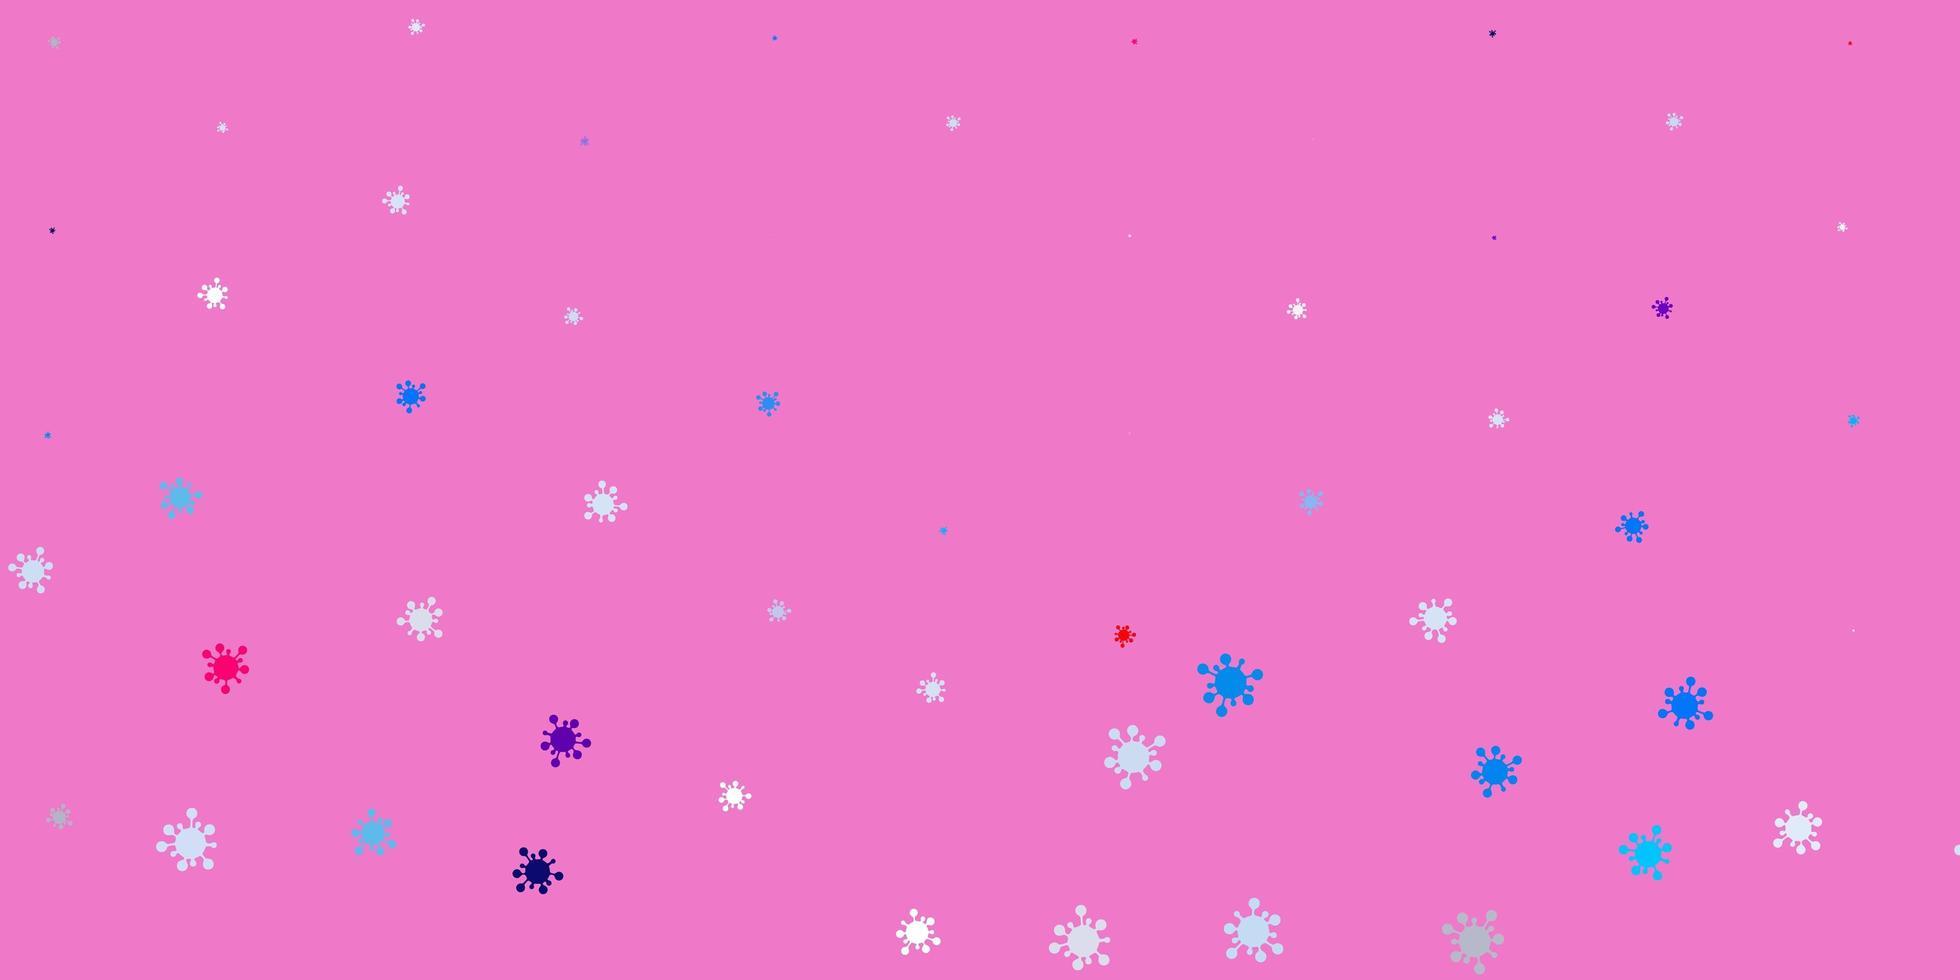 fundo vector azul claro e vermelho com símbolos covid-19